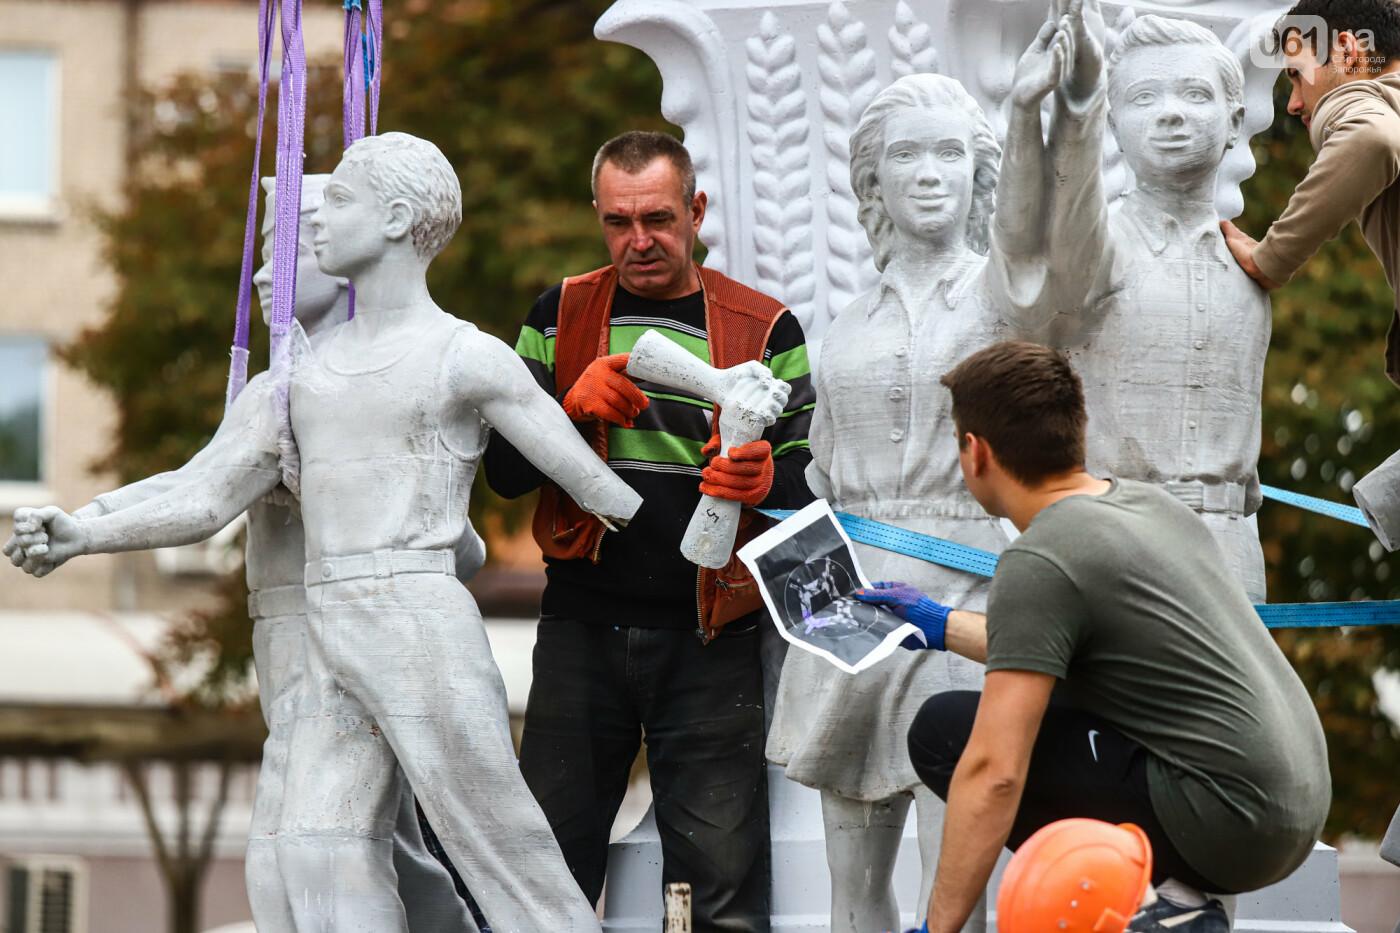 ЛГБТ-прайд, эко-митинг и восстановленные скульптуры в сквере Пионеров: сентябрь в фотографиях , фото-137